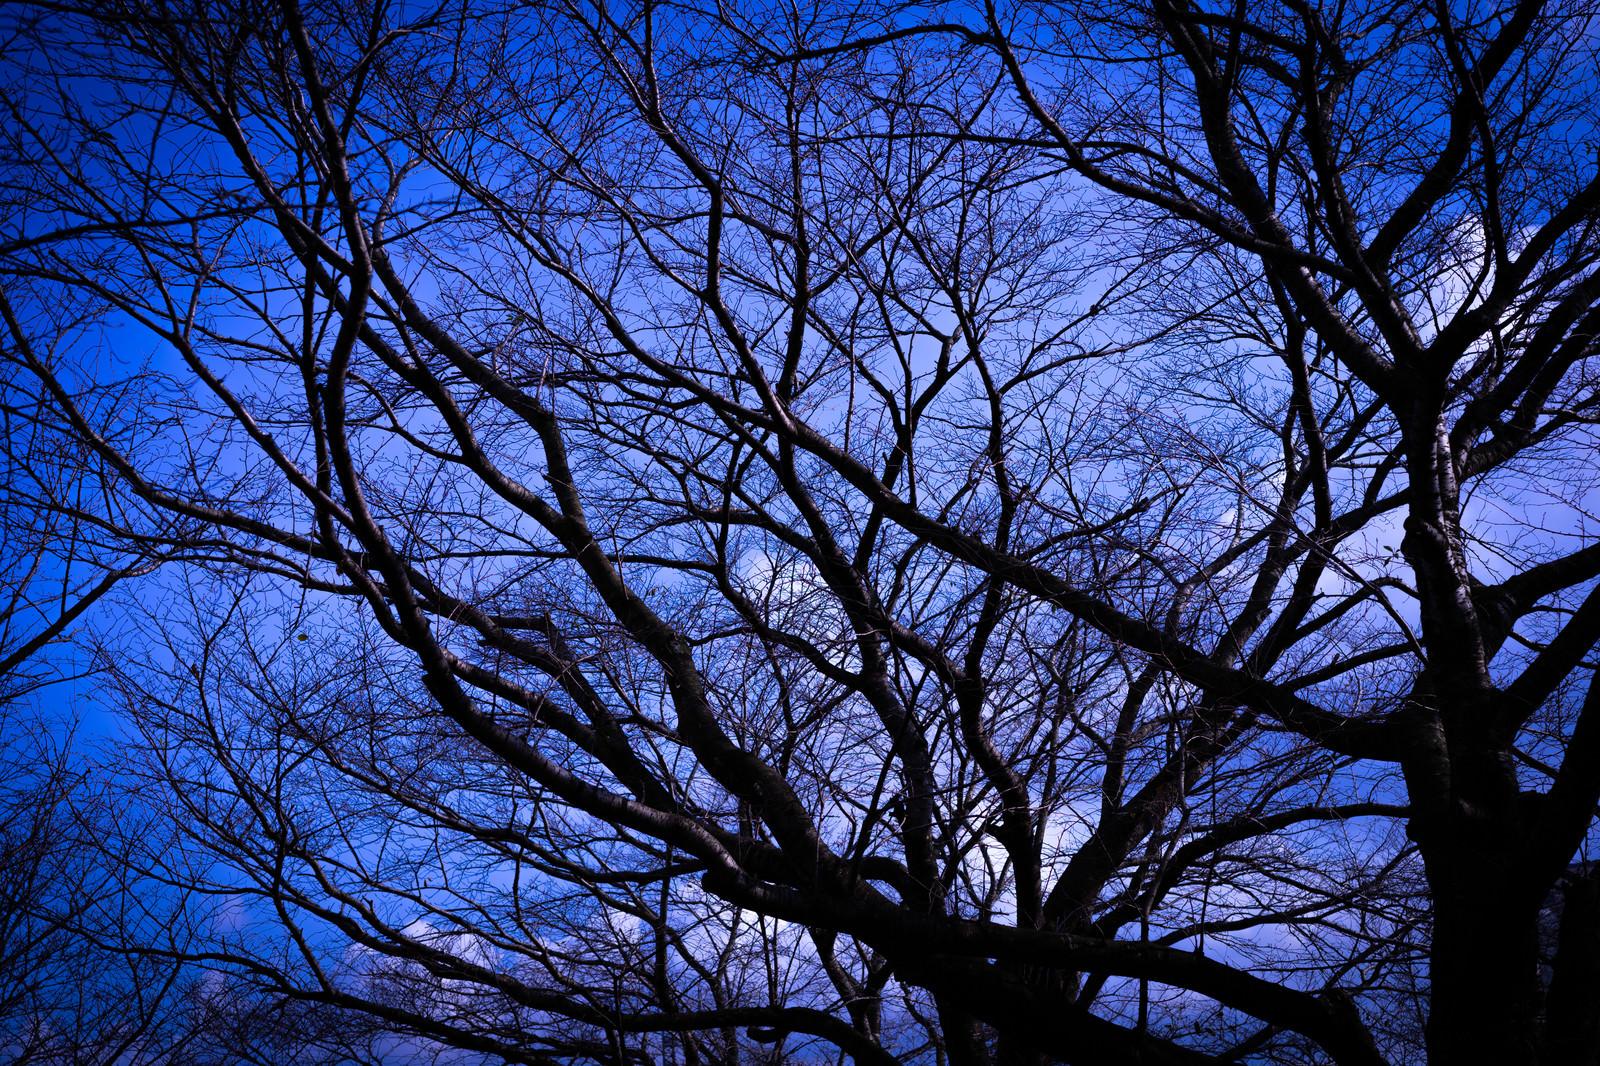 「張り巡る木々の枝」の写真